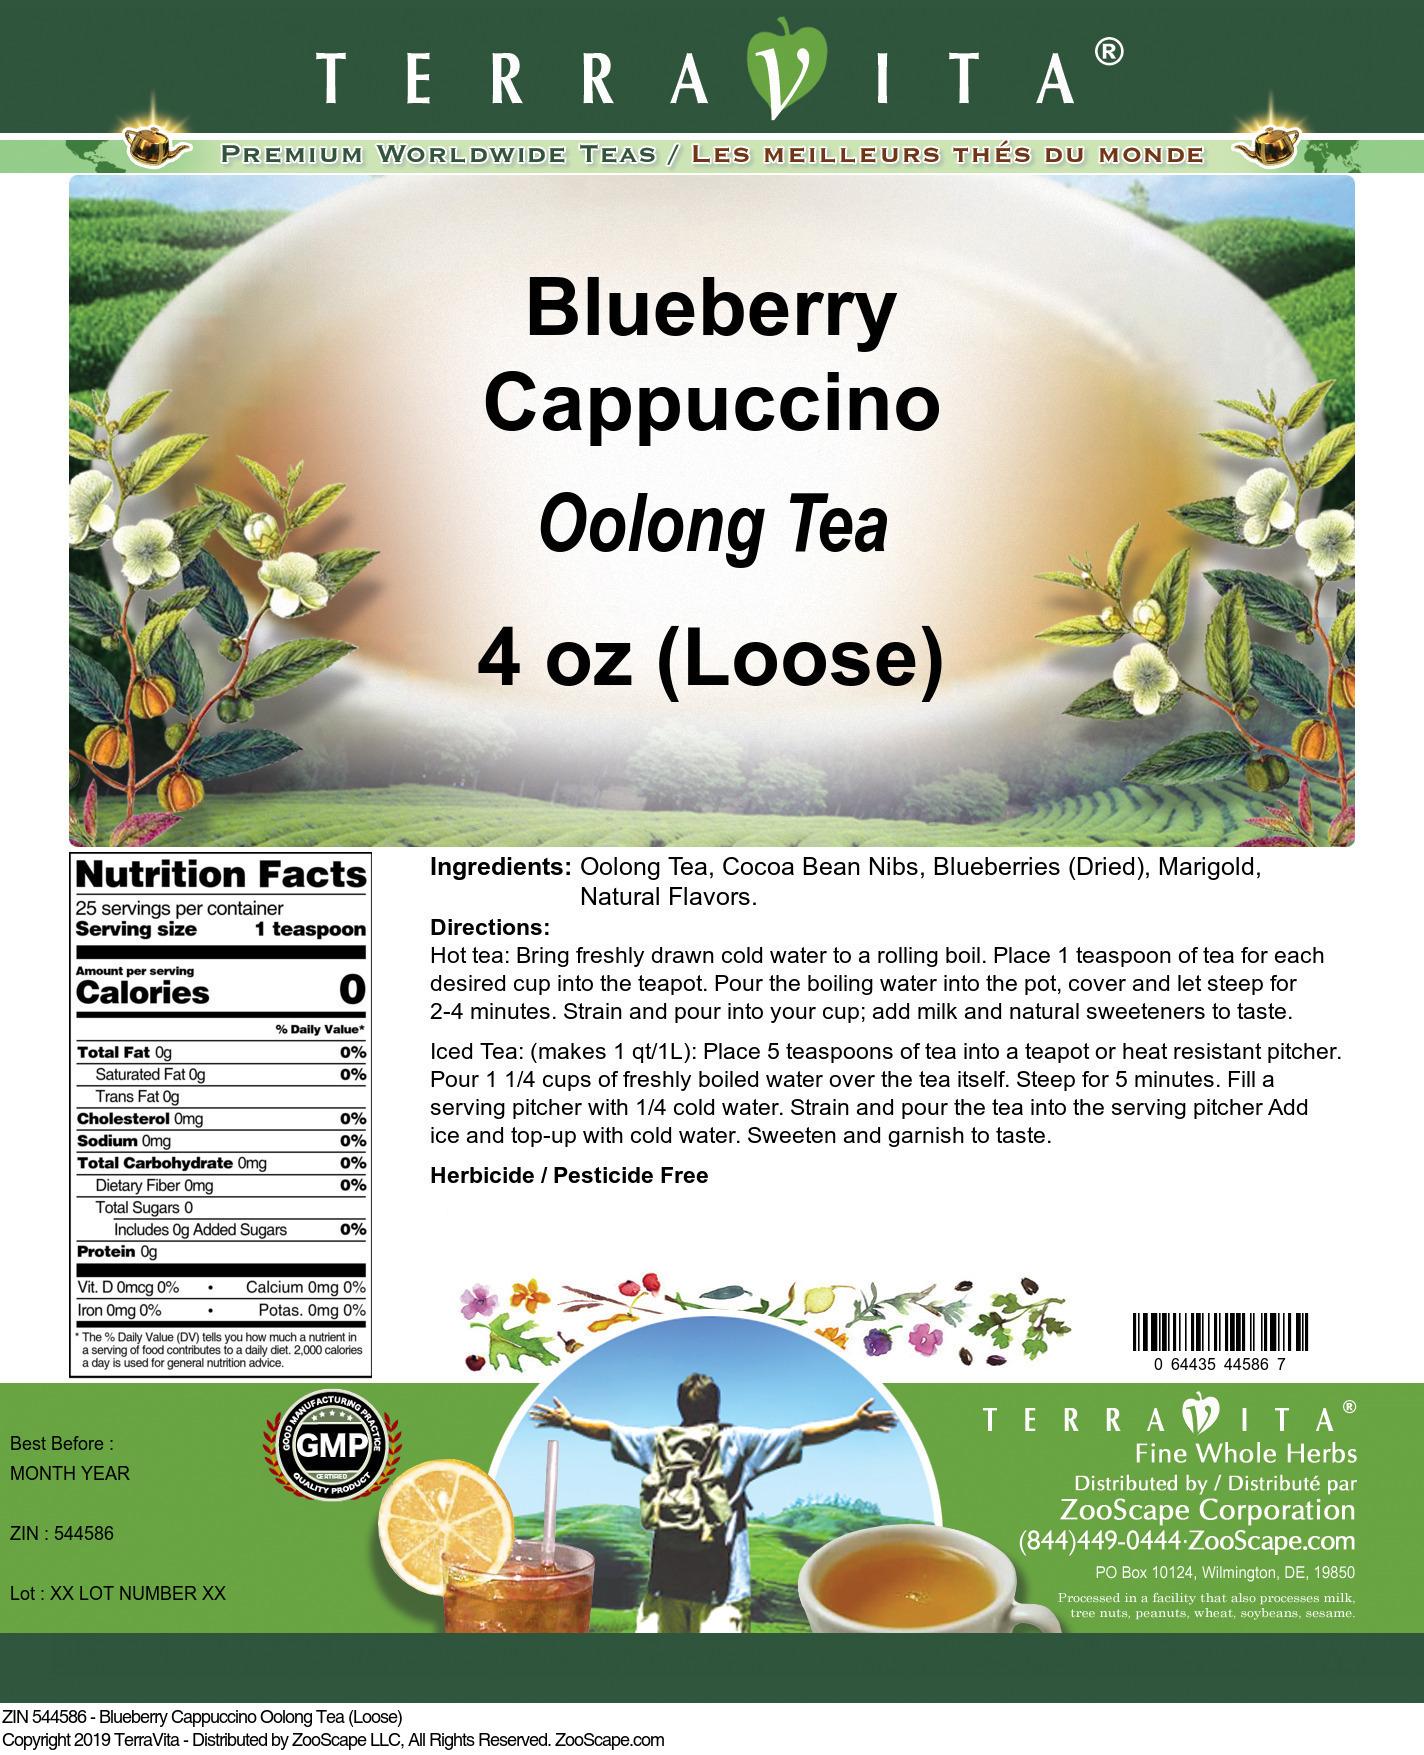 Blueberry Cappuccino Oolong Tea